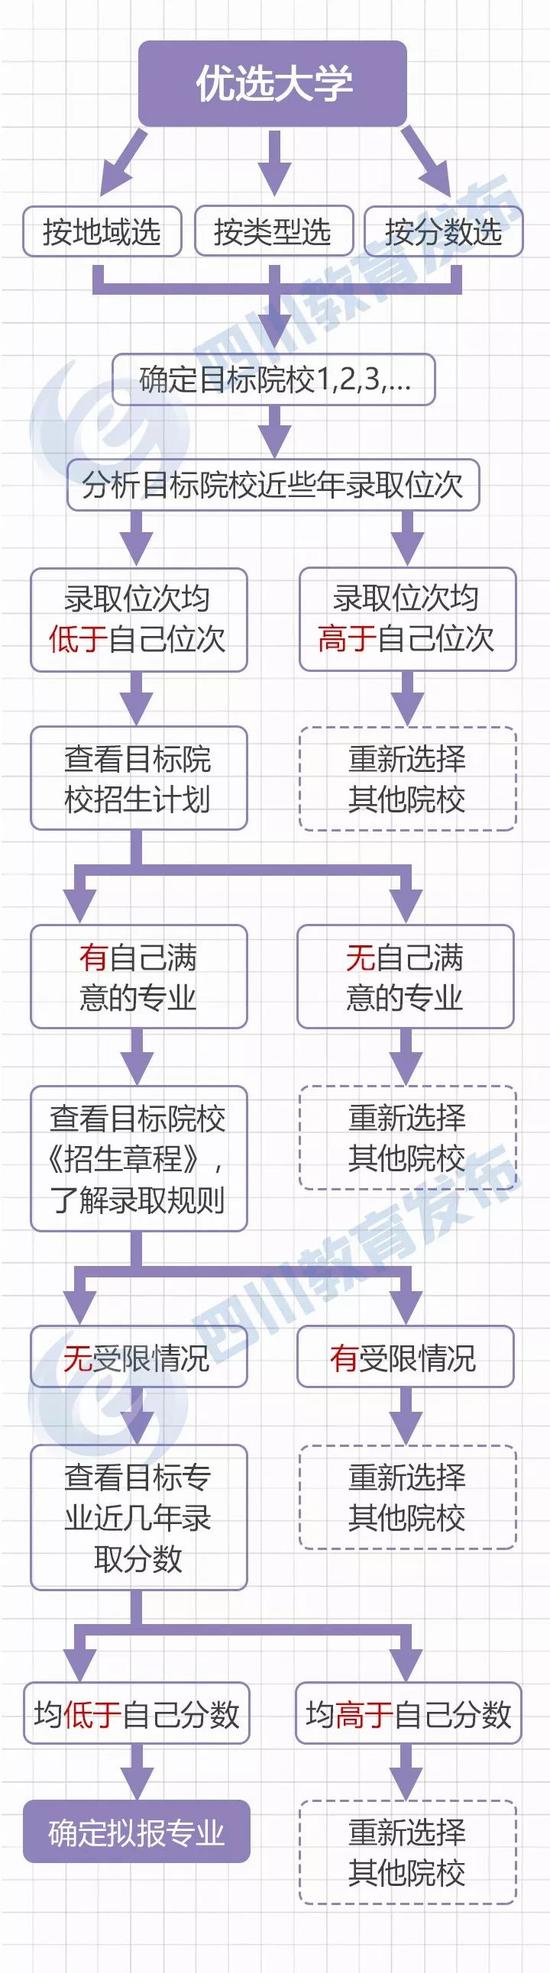 来源:四川省教育考试院